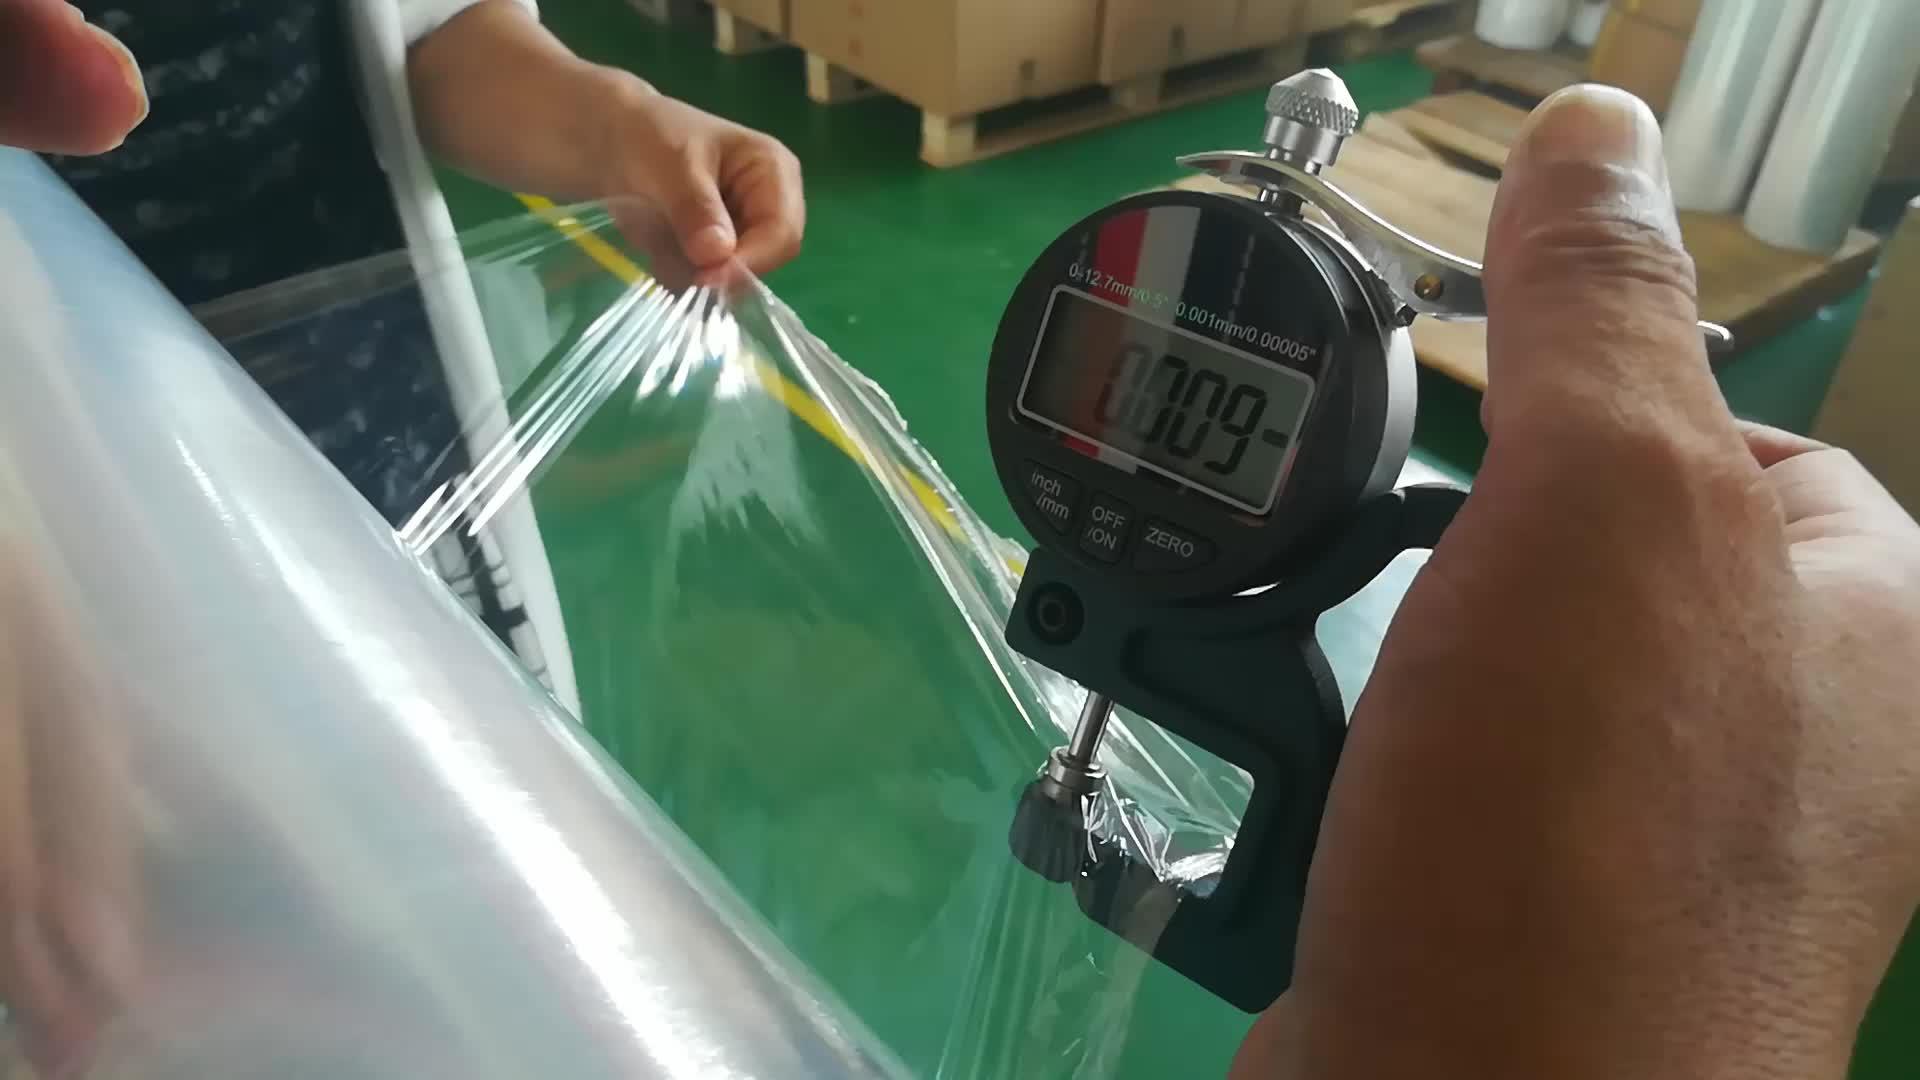 Großhandel fabrik preis stretch film / LDPE handliche verpackung / palette stretch wrap film riesige rolle